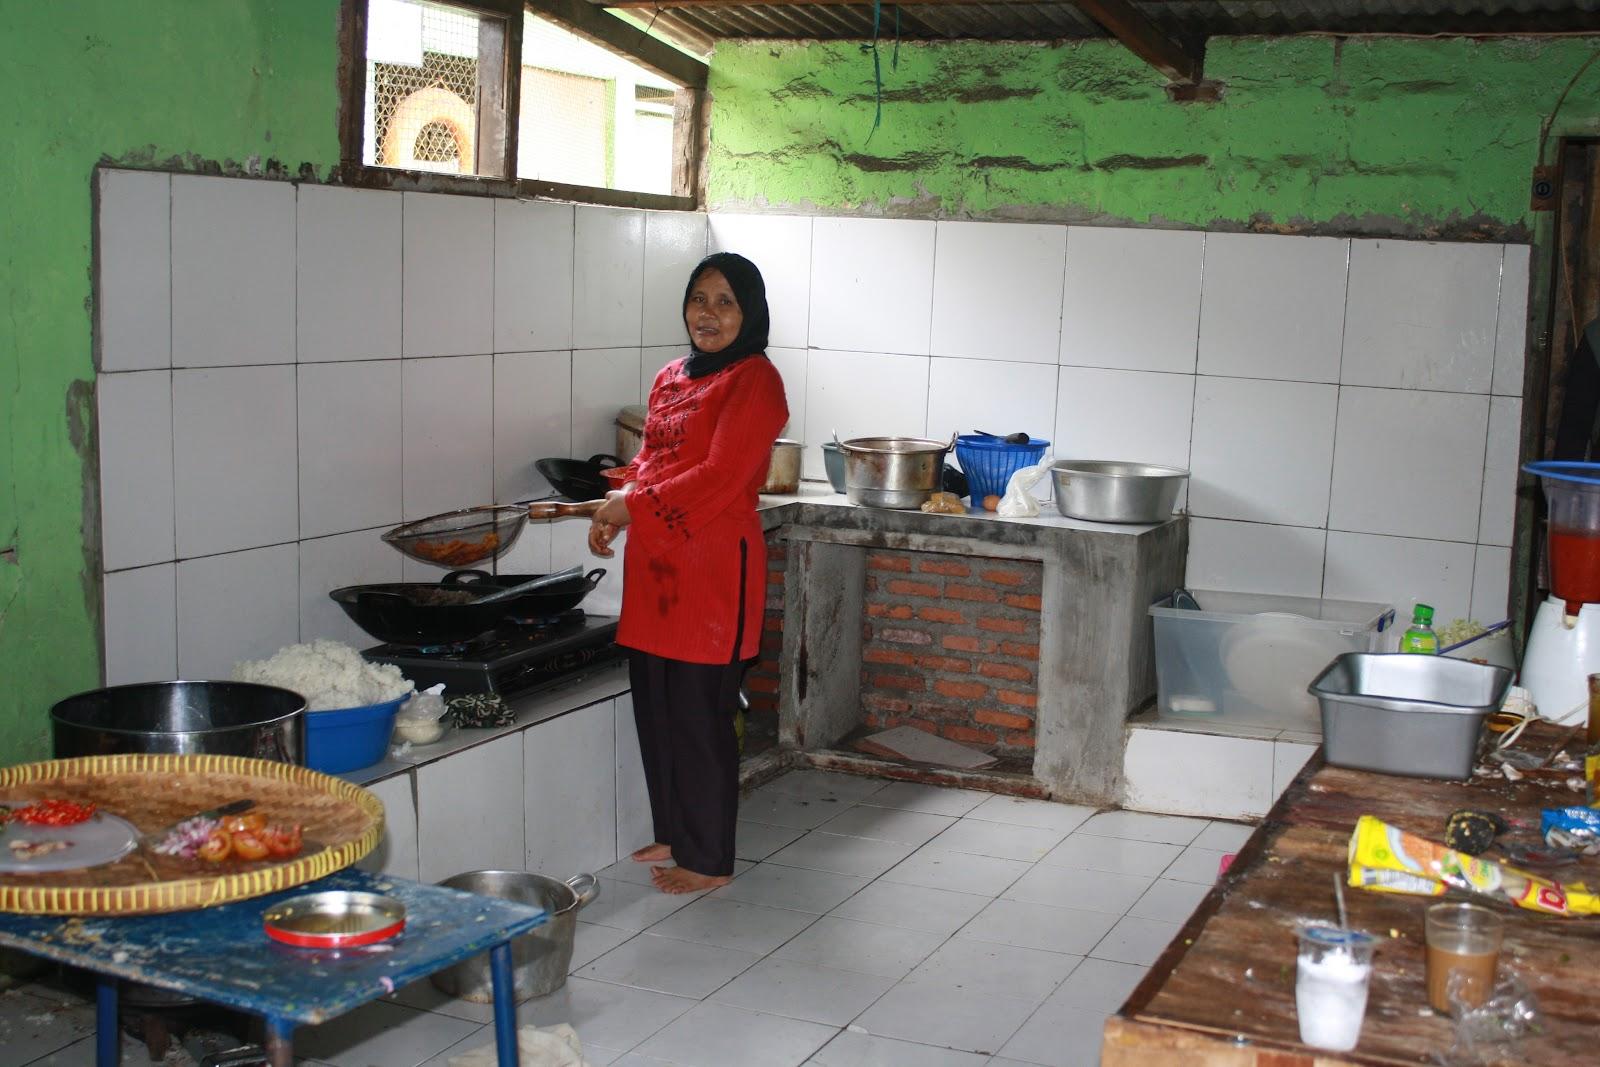 Gambar 9 Rohimah Membantu Memasak Di Dapur Umum Knowledge Sharing Master Orang Miskin Bisa Sekolah